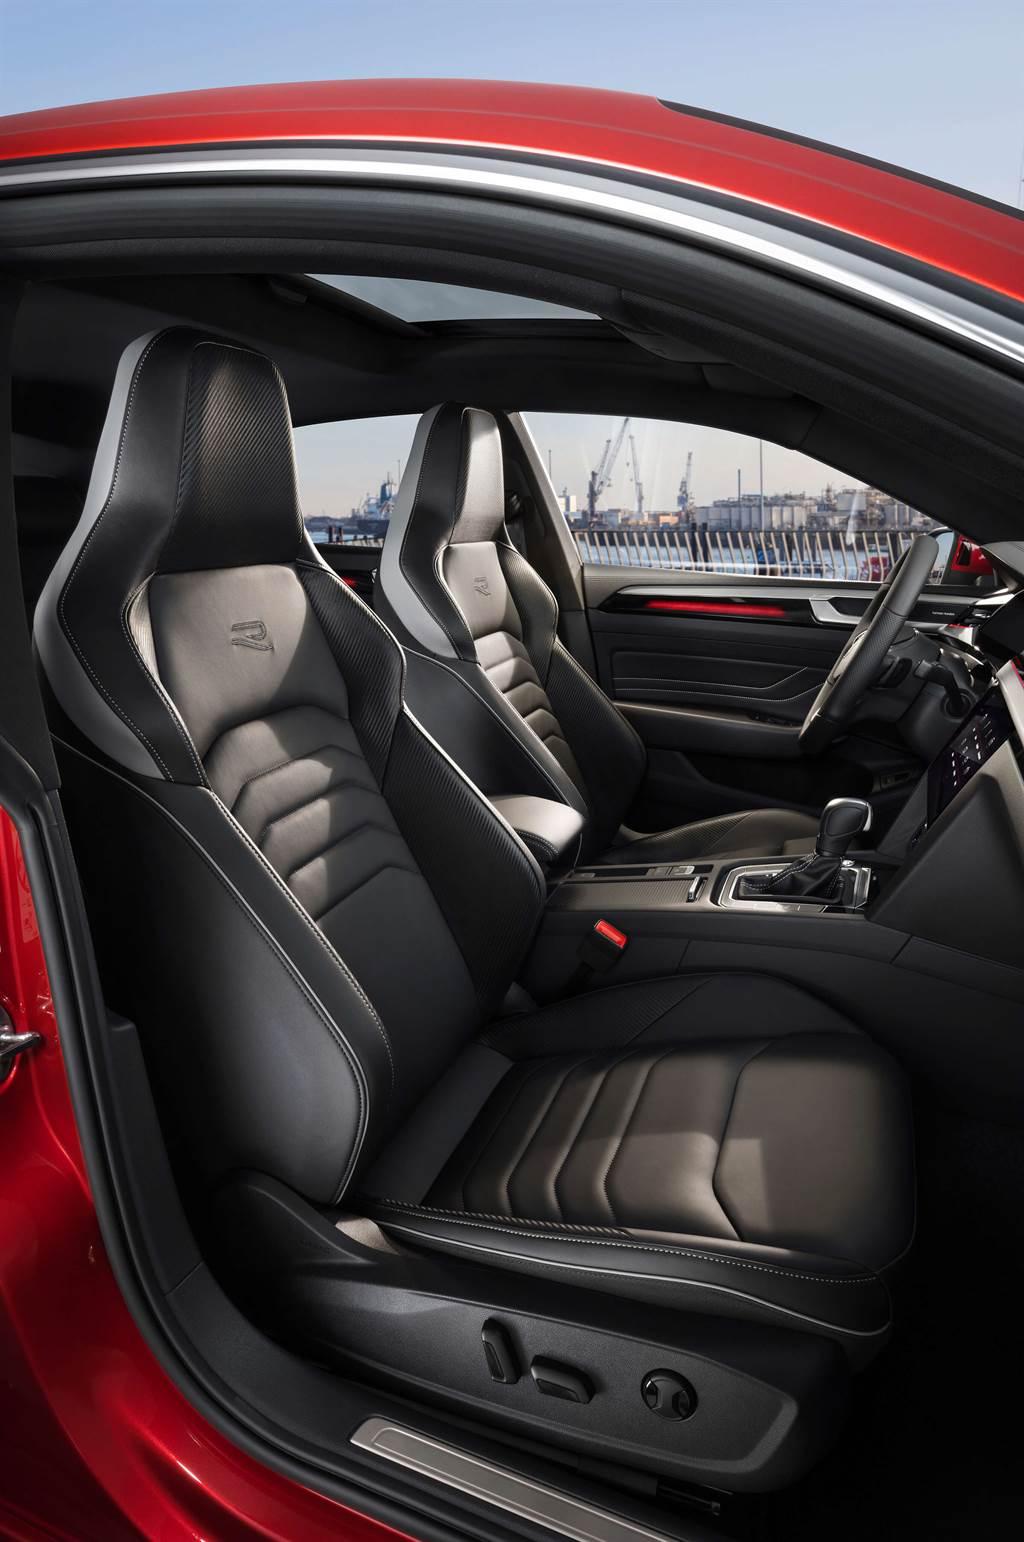 座椅採用柔軟細膩的Nappa皮革包覆,並且擁有多向電動調整及按摩功能,車主可感受到最舒適的乘坐體驗。